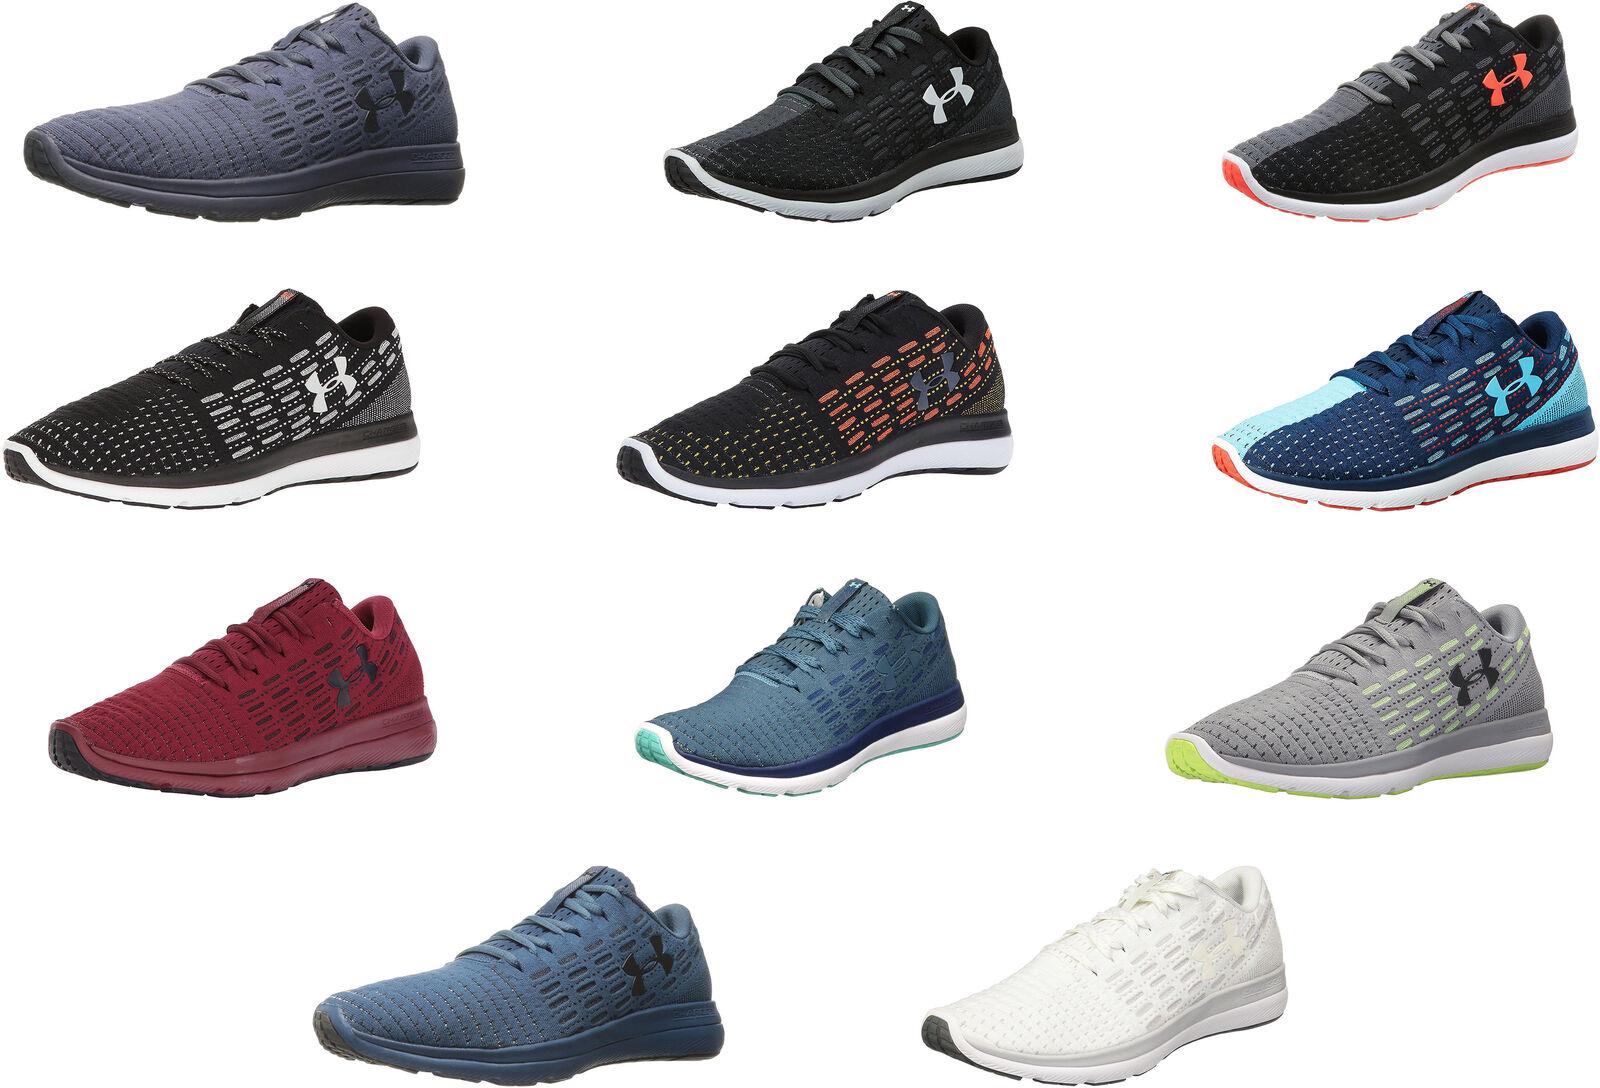 new arrival ea070 85a98 Under Armour Men's Threadborne Slingflex Shoes, 11 Colors